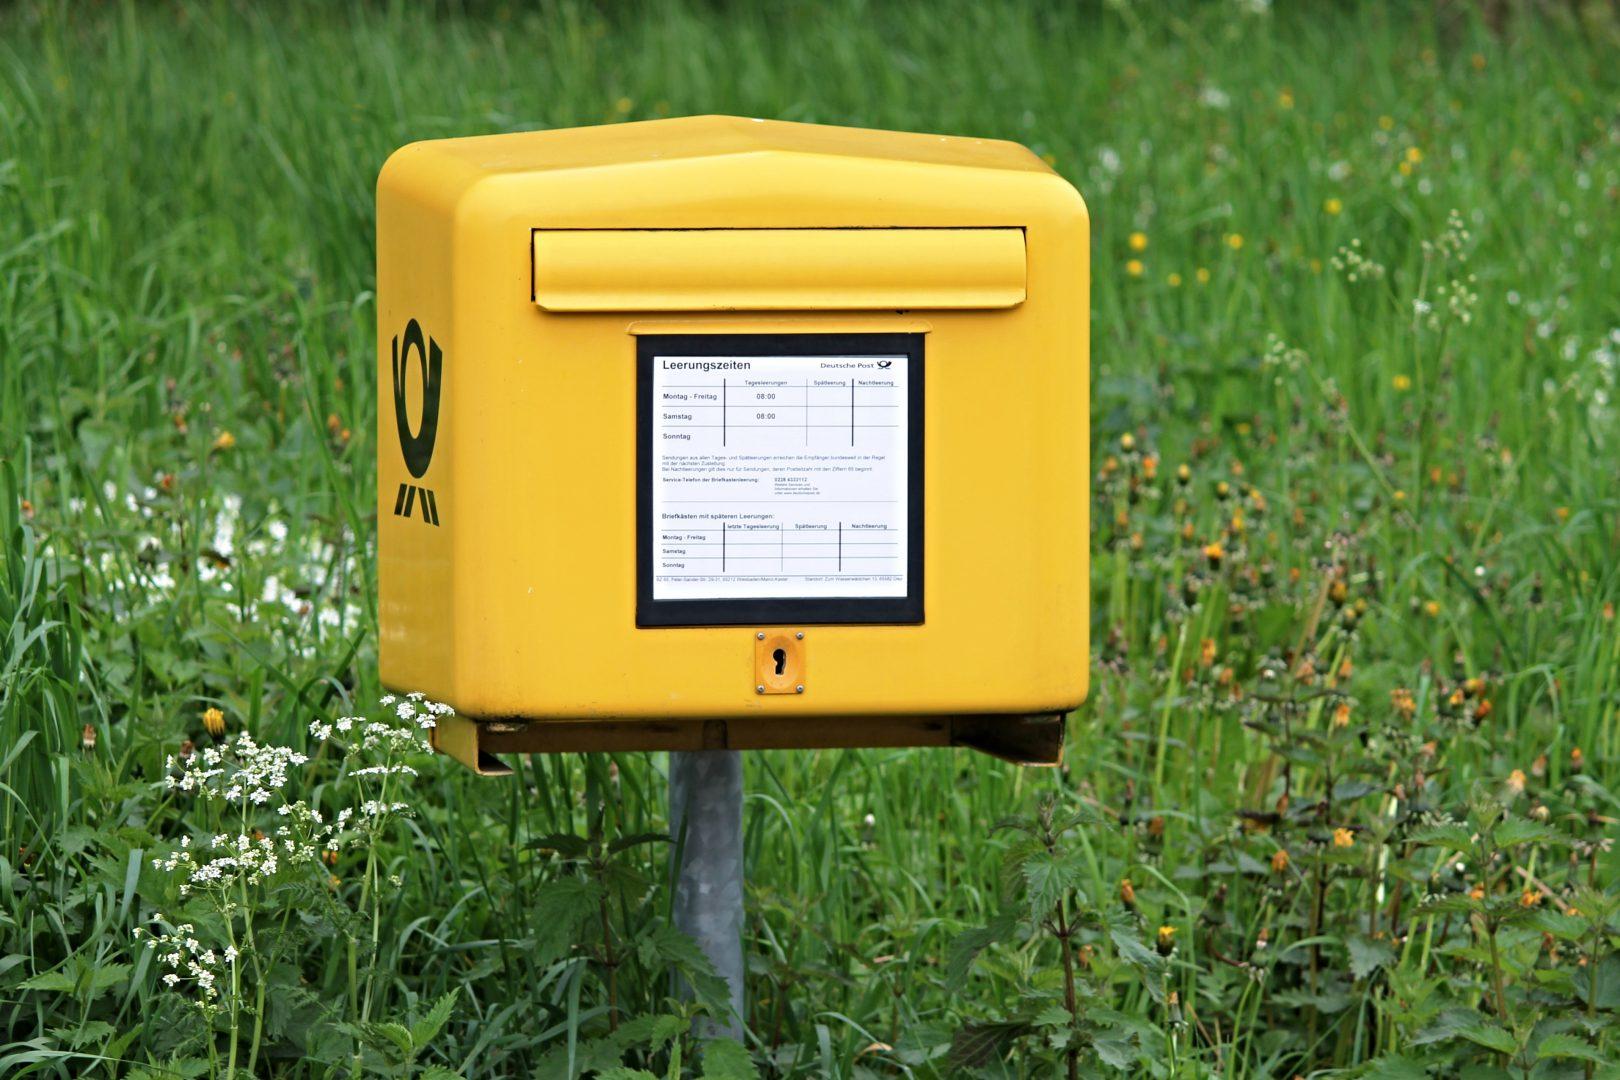 Ein gelber Briefkasten in einer grünen Wiese